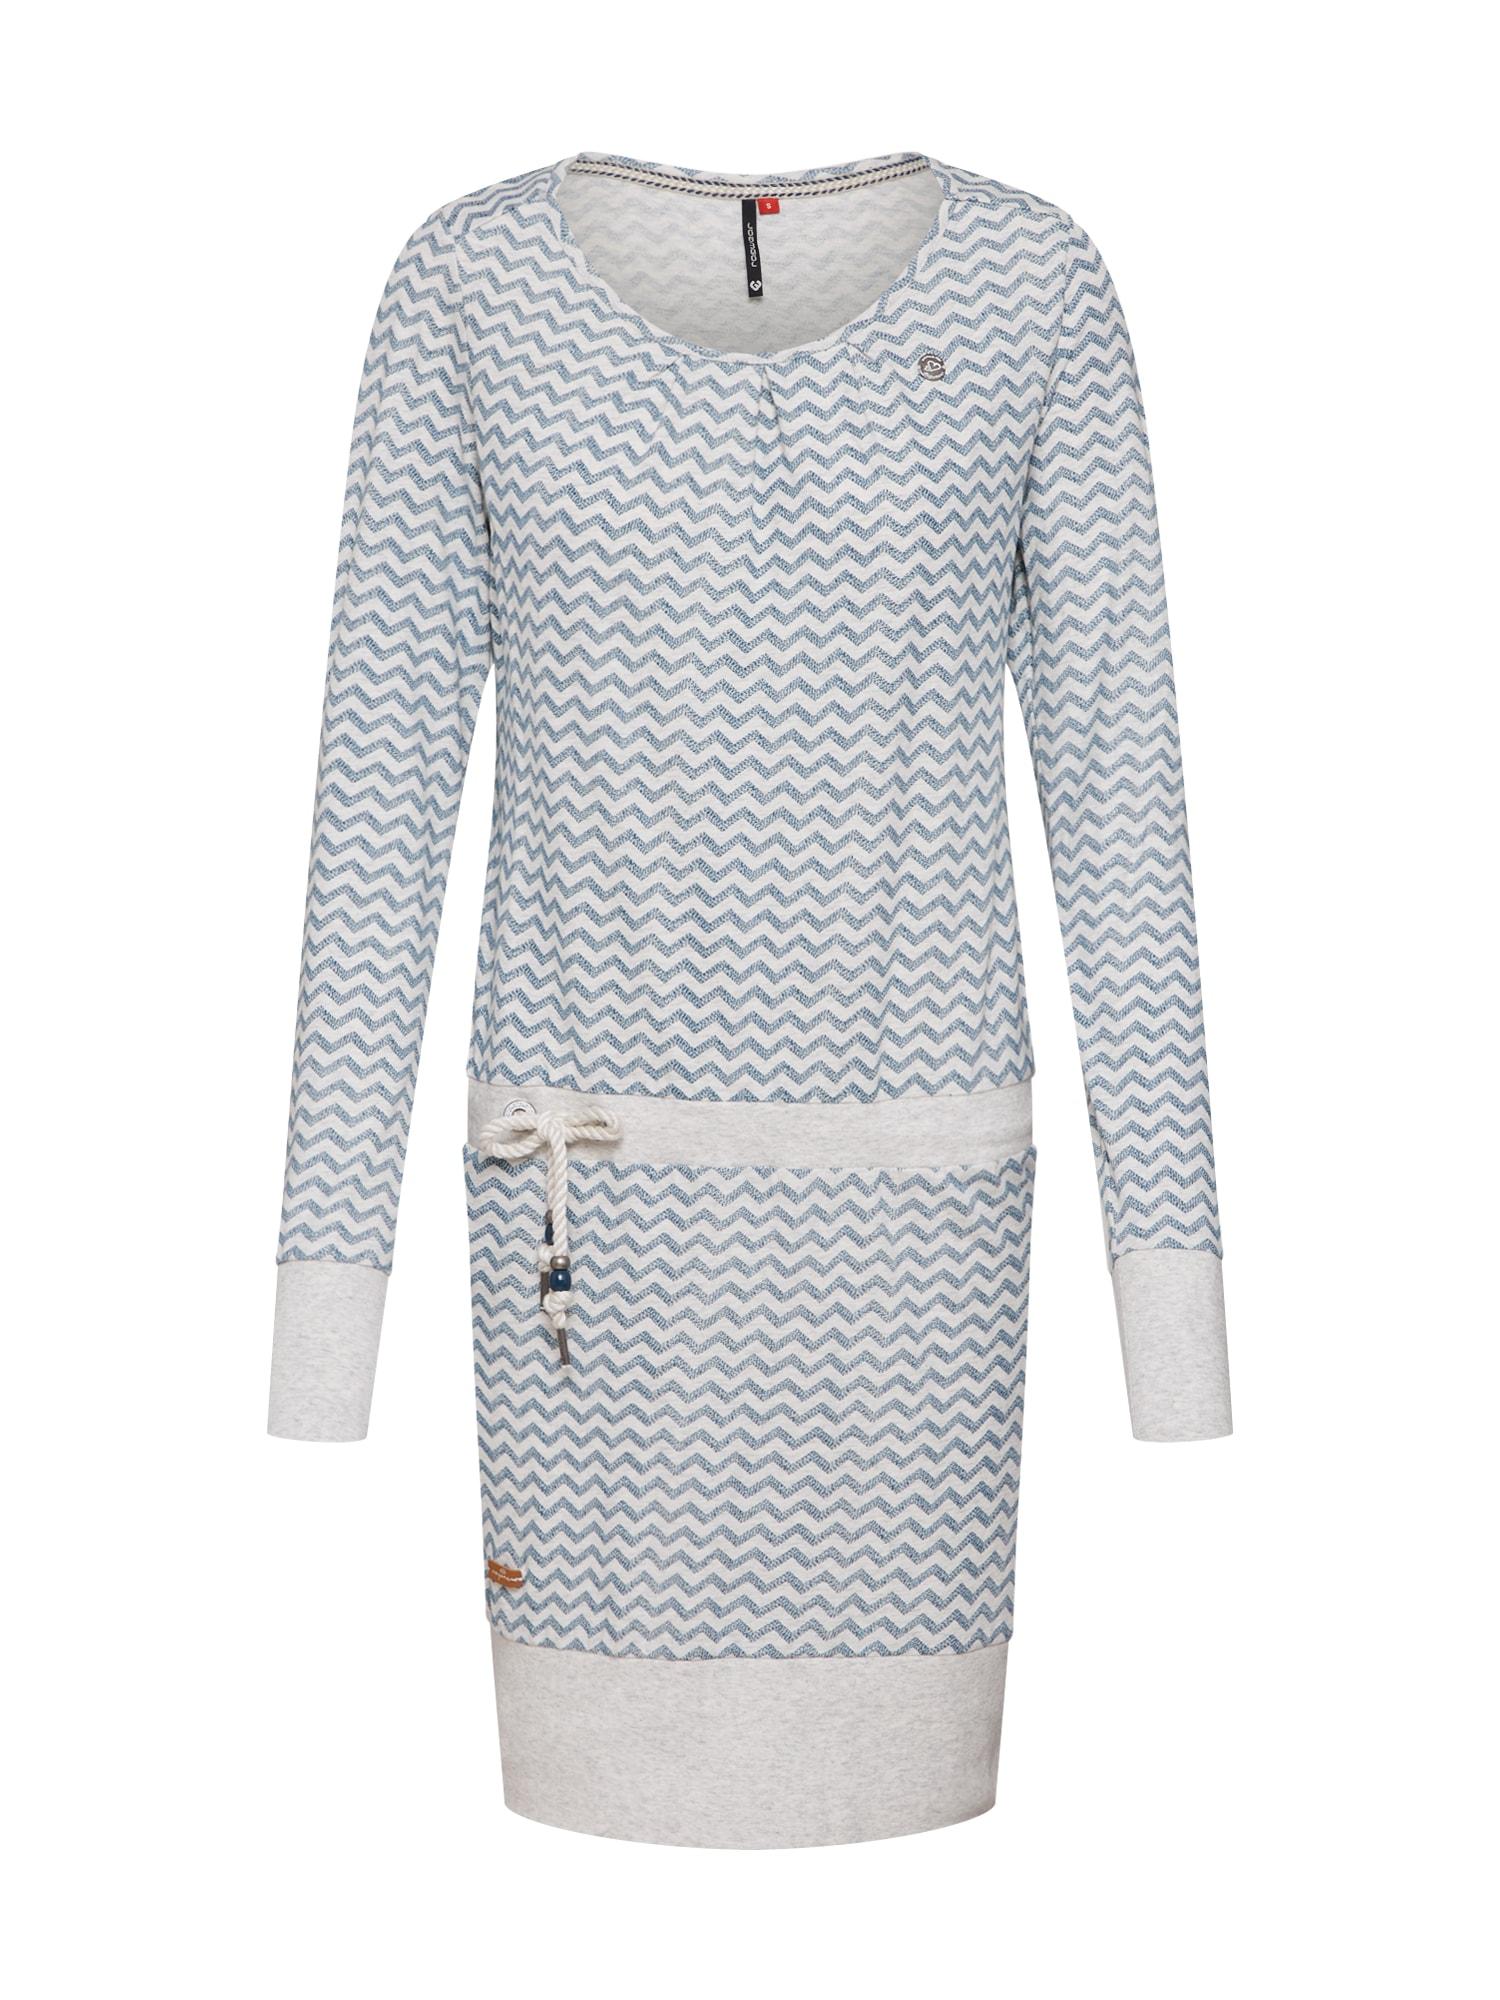 Šaty Alexa světlemodrá bílá Ragwear